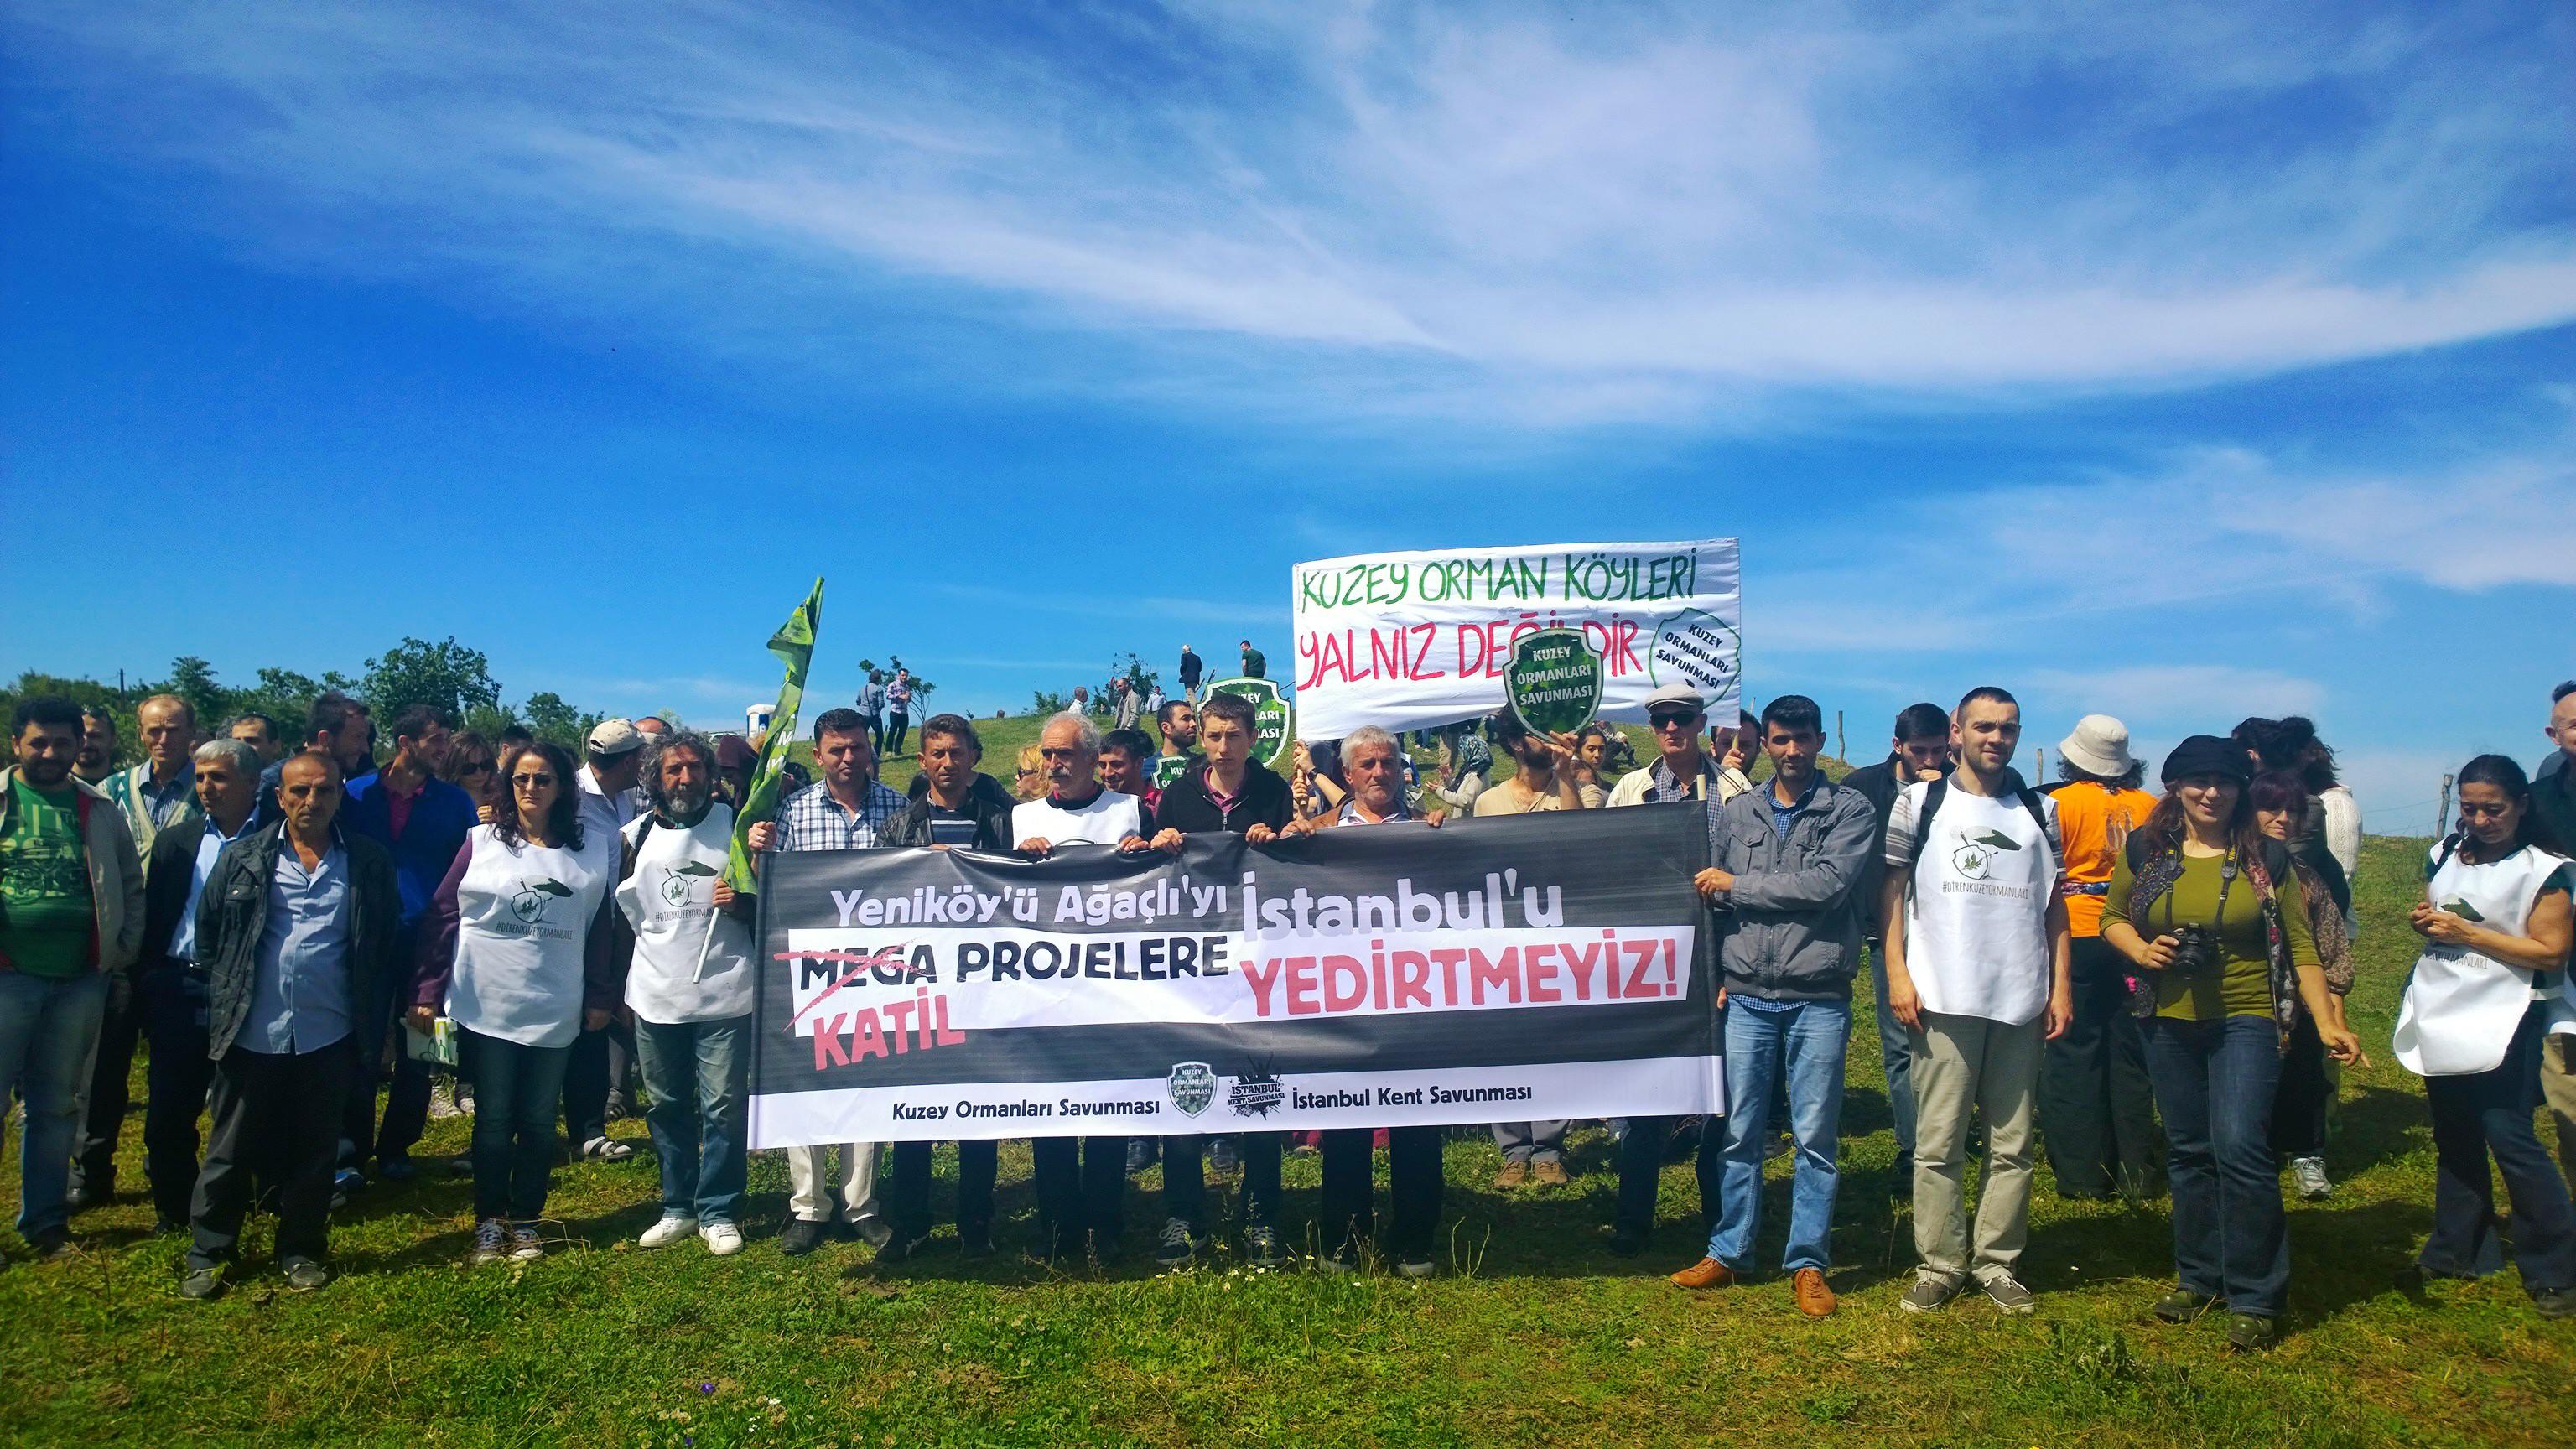 """""""Hepimiz şehre gidersek birbirimizi mi yiyeceğiz?"""" – 29 Mayıs Yeniköy / Kuzey Ormanları eylemi"""